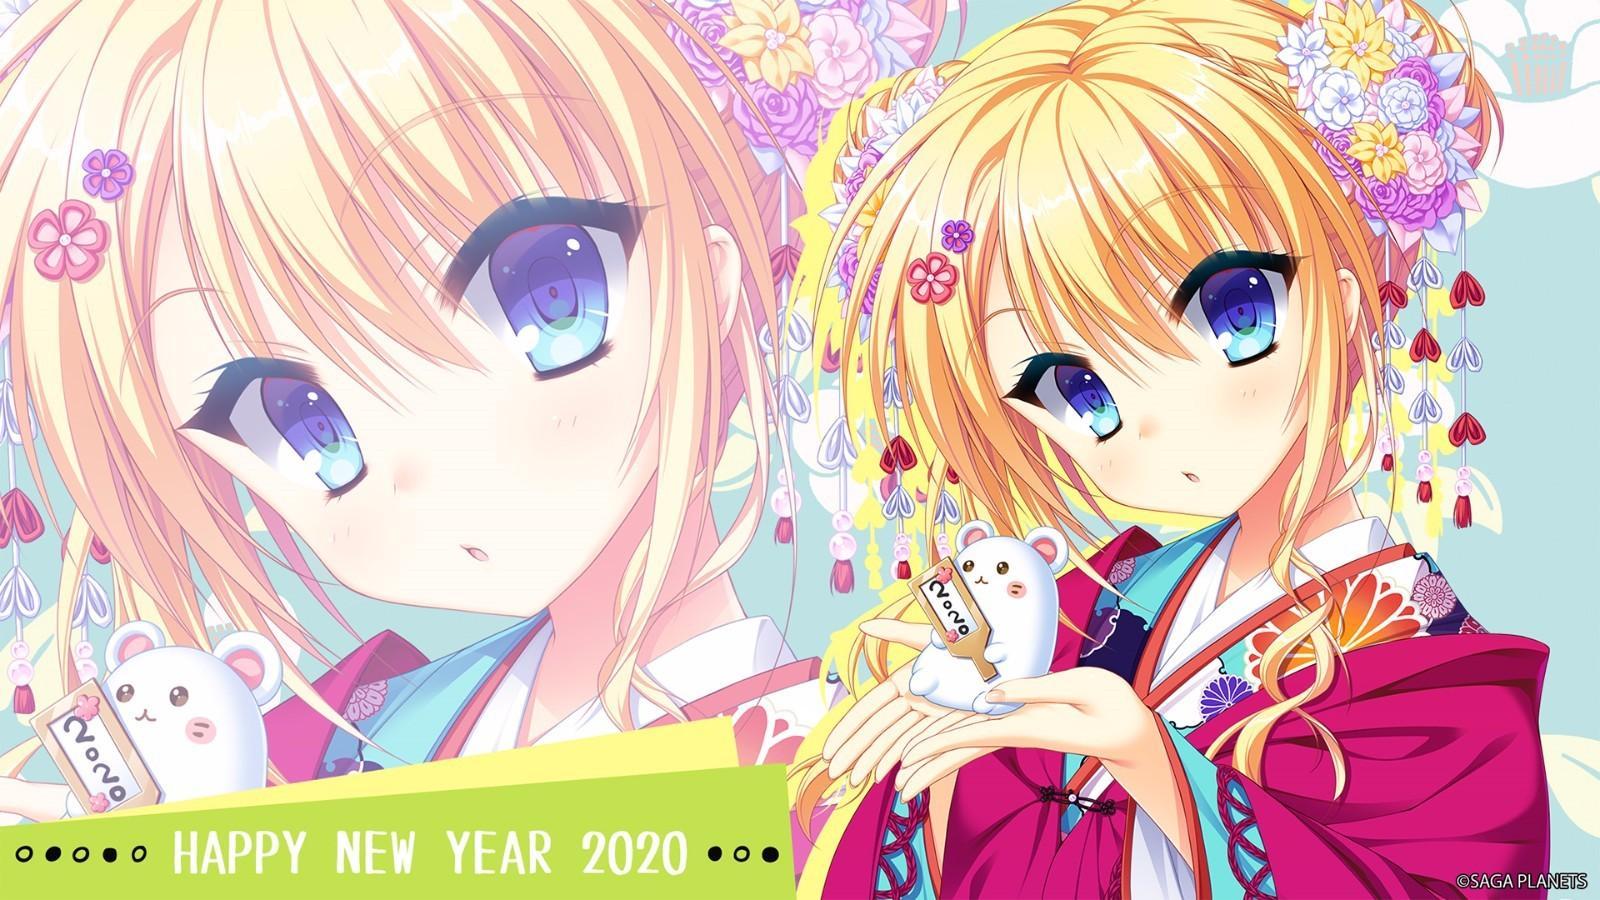 【新年壁纸】美少女游戏品牌的新年贺图-萌宅之家